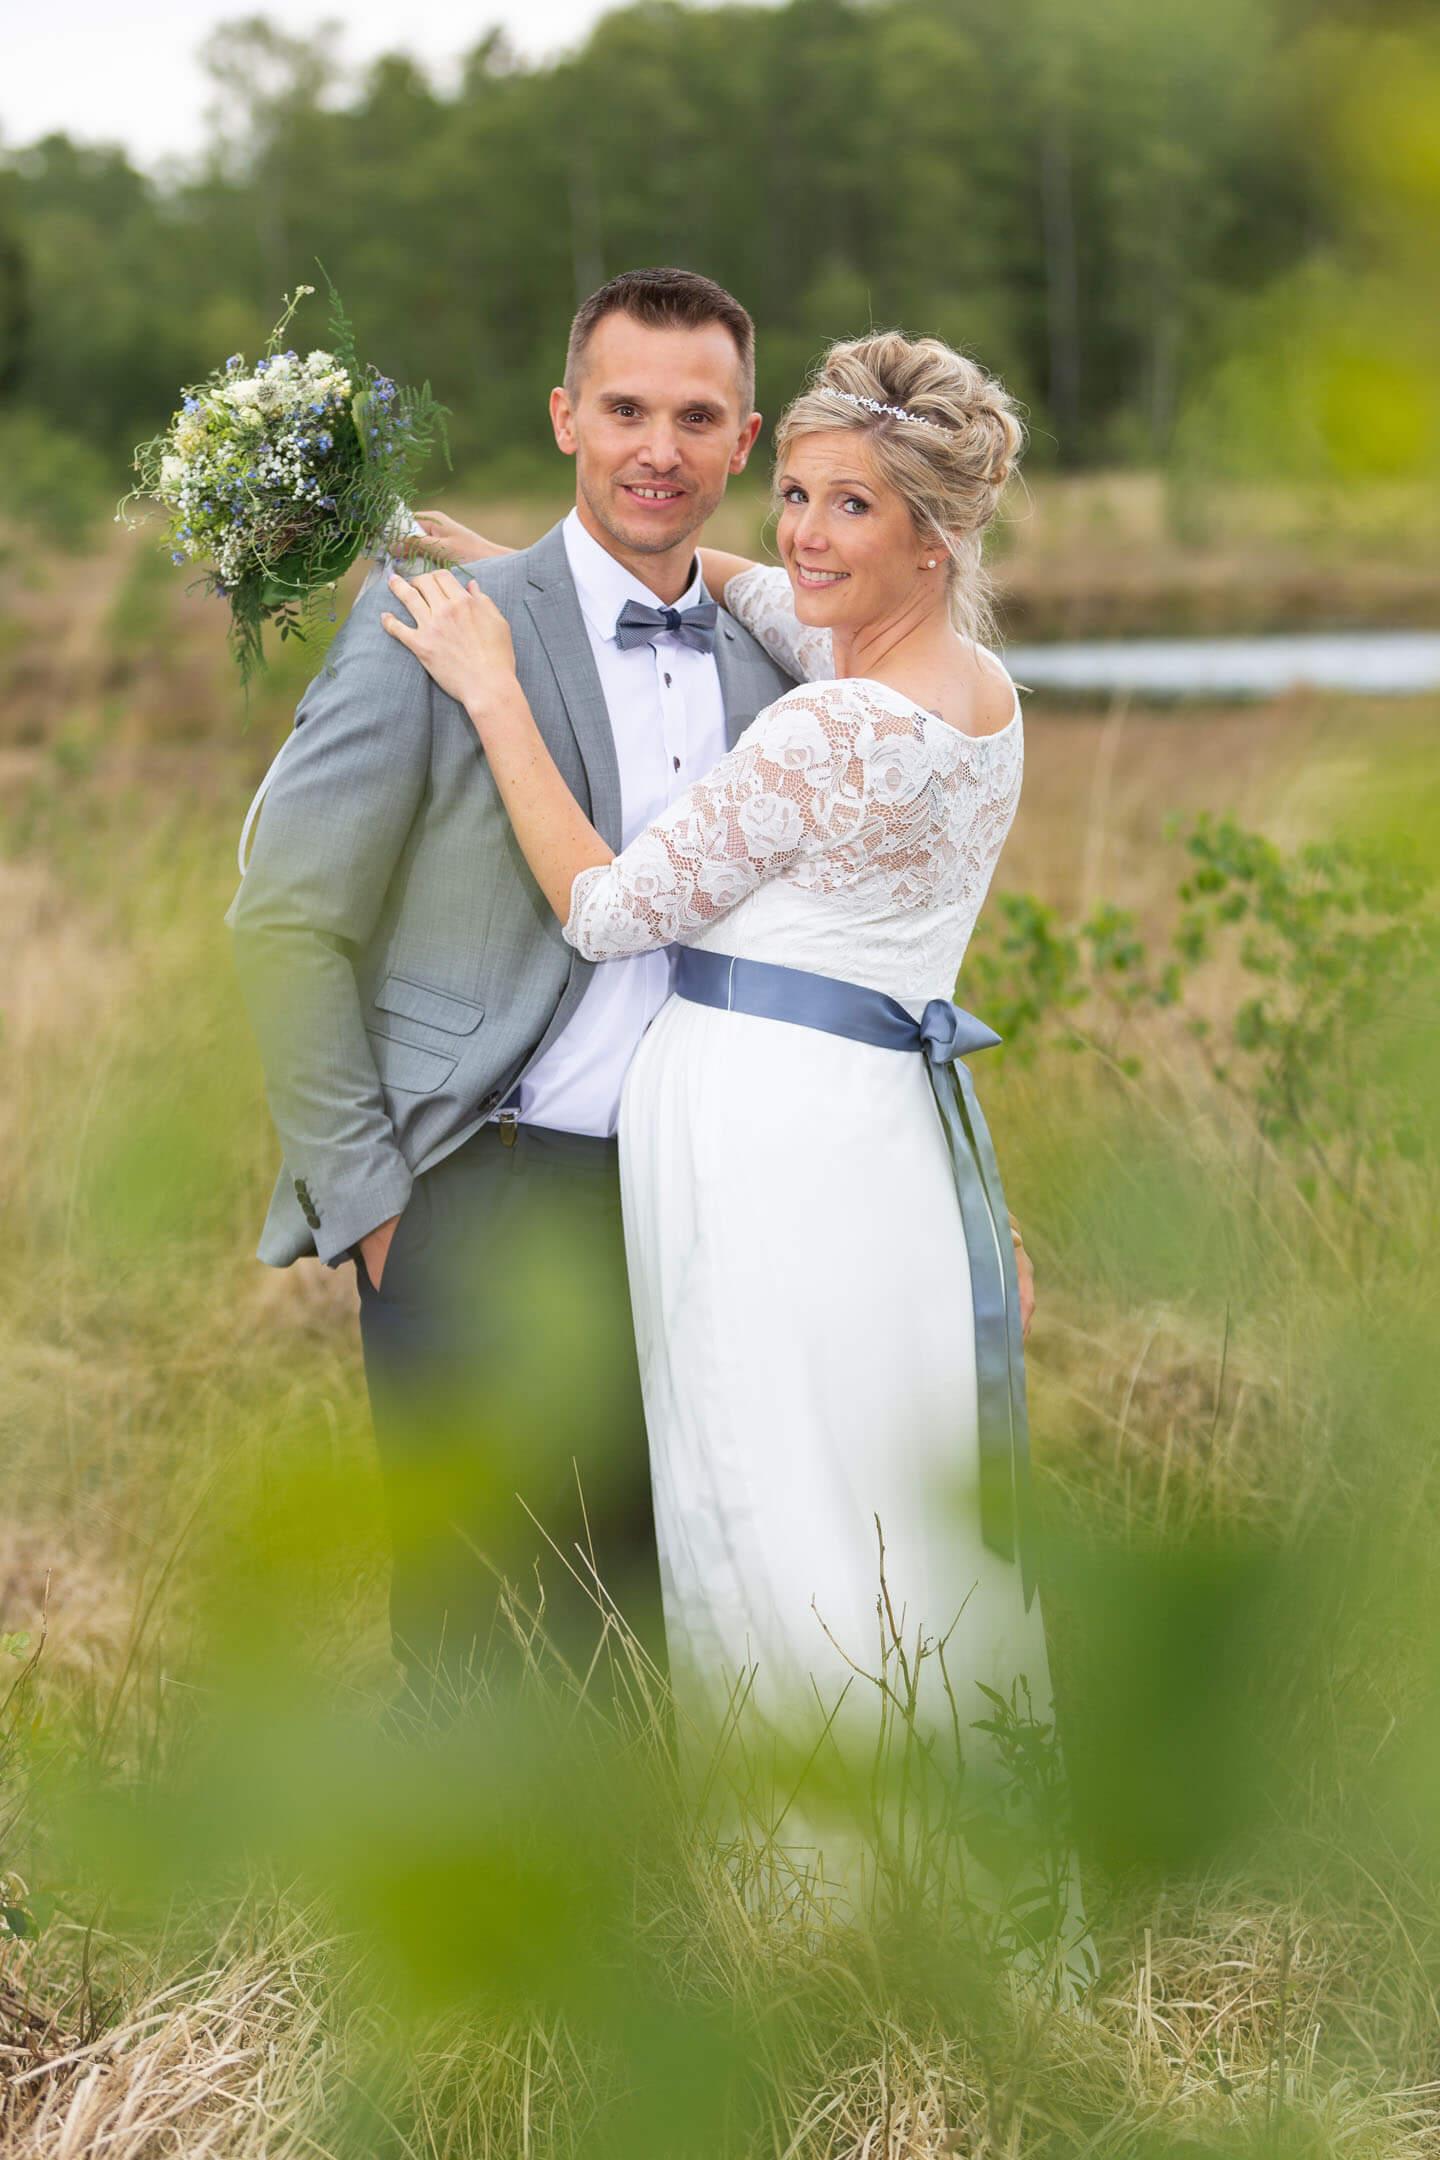 Natürliche Hochzeitsfotografie Foto: Florian Läufer aus Hamburg